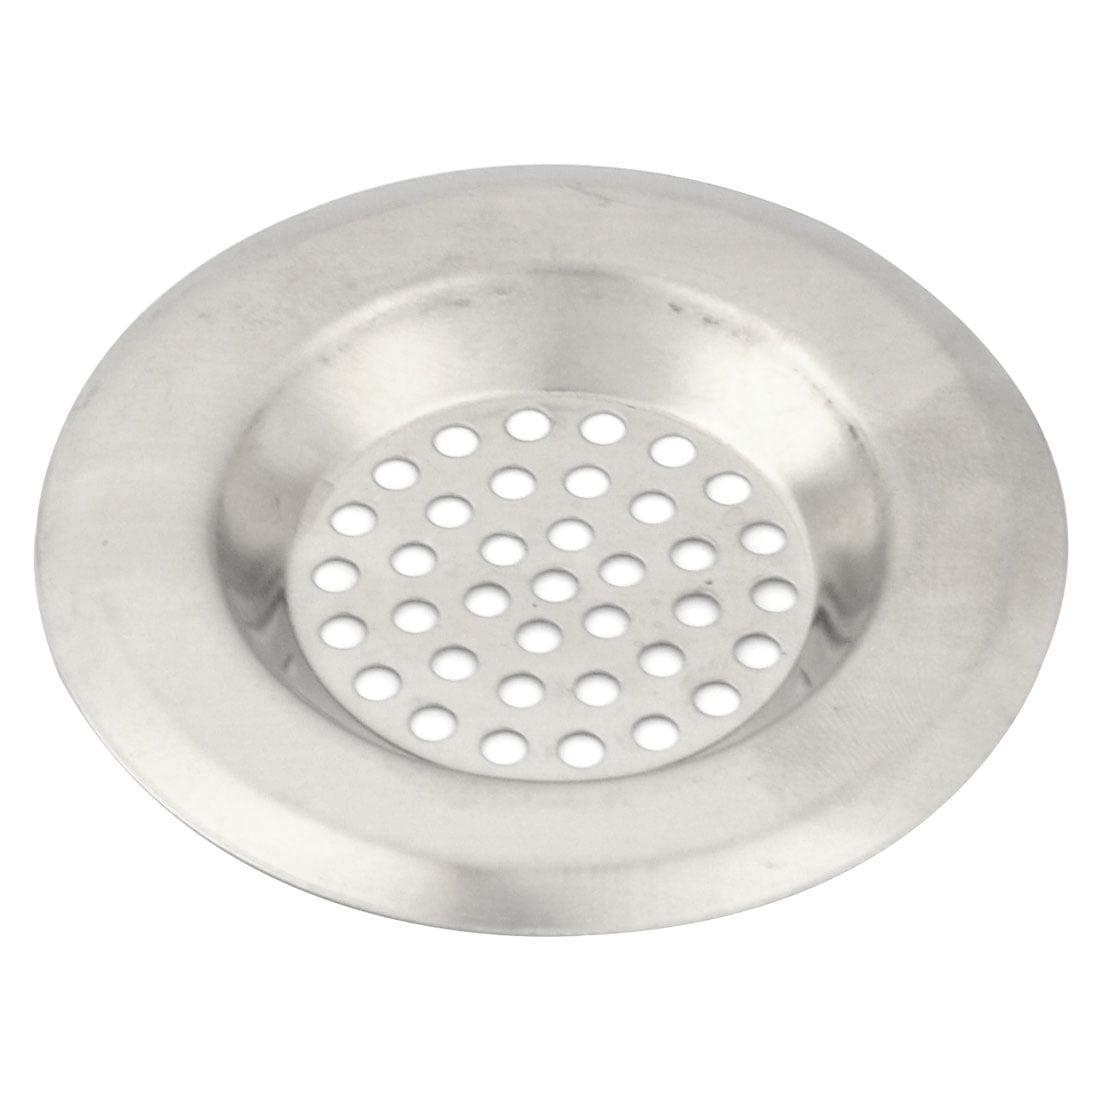 Kitchen Bathtub Stainless Steel Sink Garbage Strainer Filter Drain Stopper 2pcs